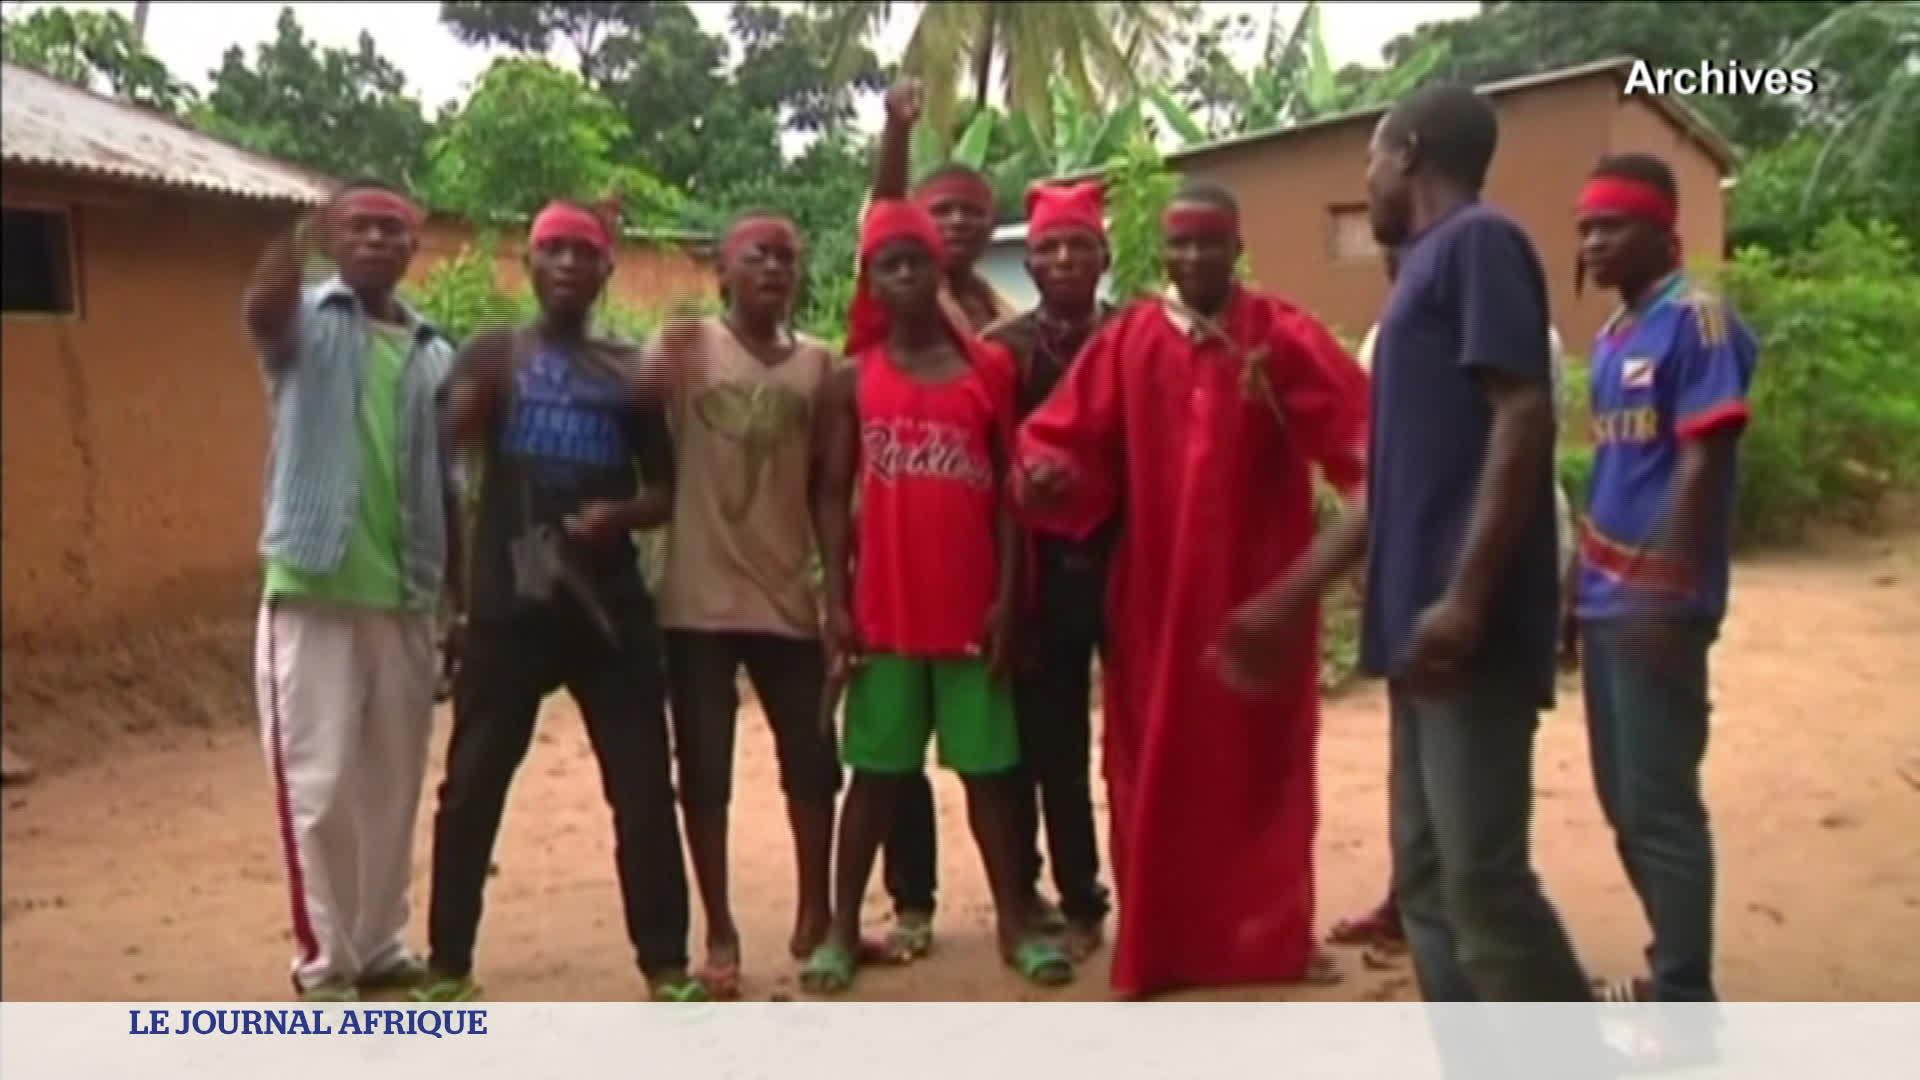 RDC :  Une affaire qui fait beaucoup de bruit! faire qui fait beaucoup de bruit!